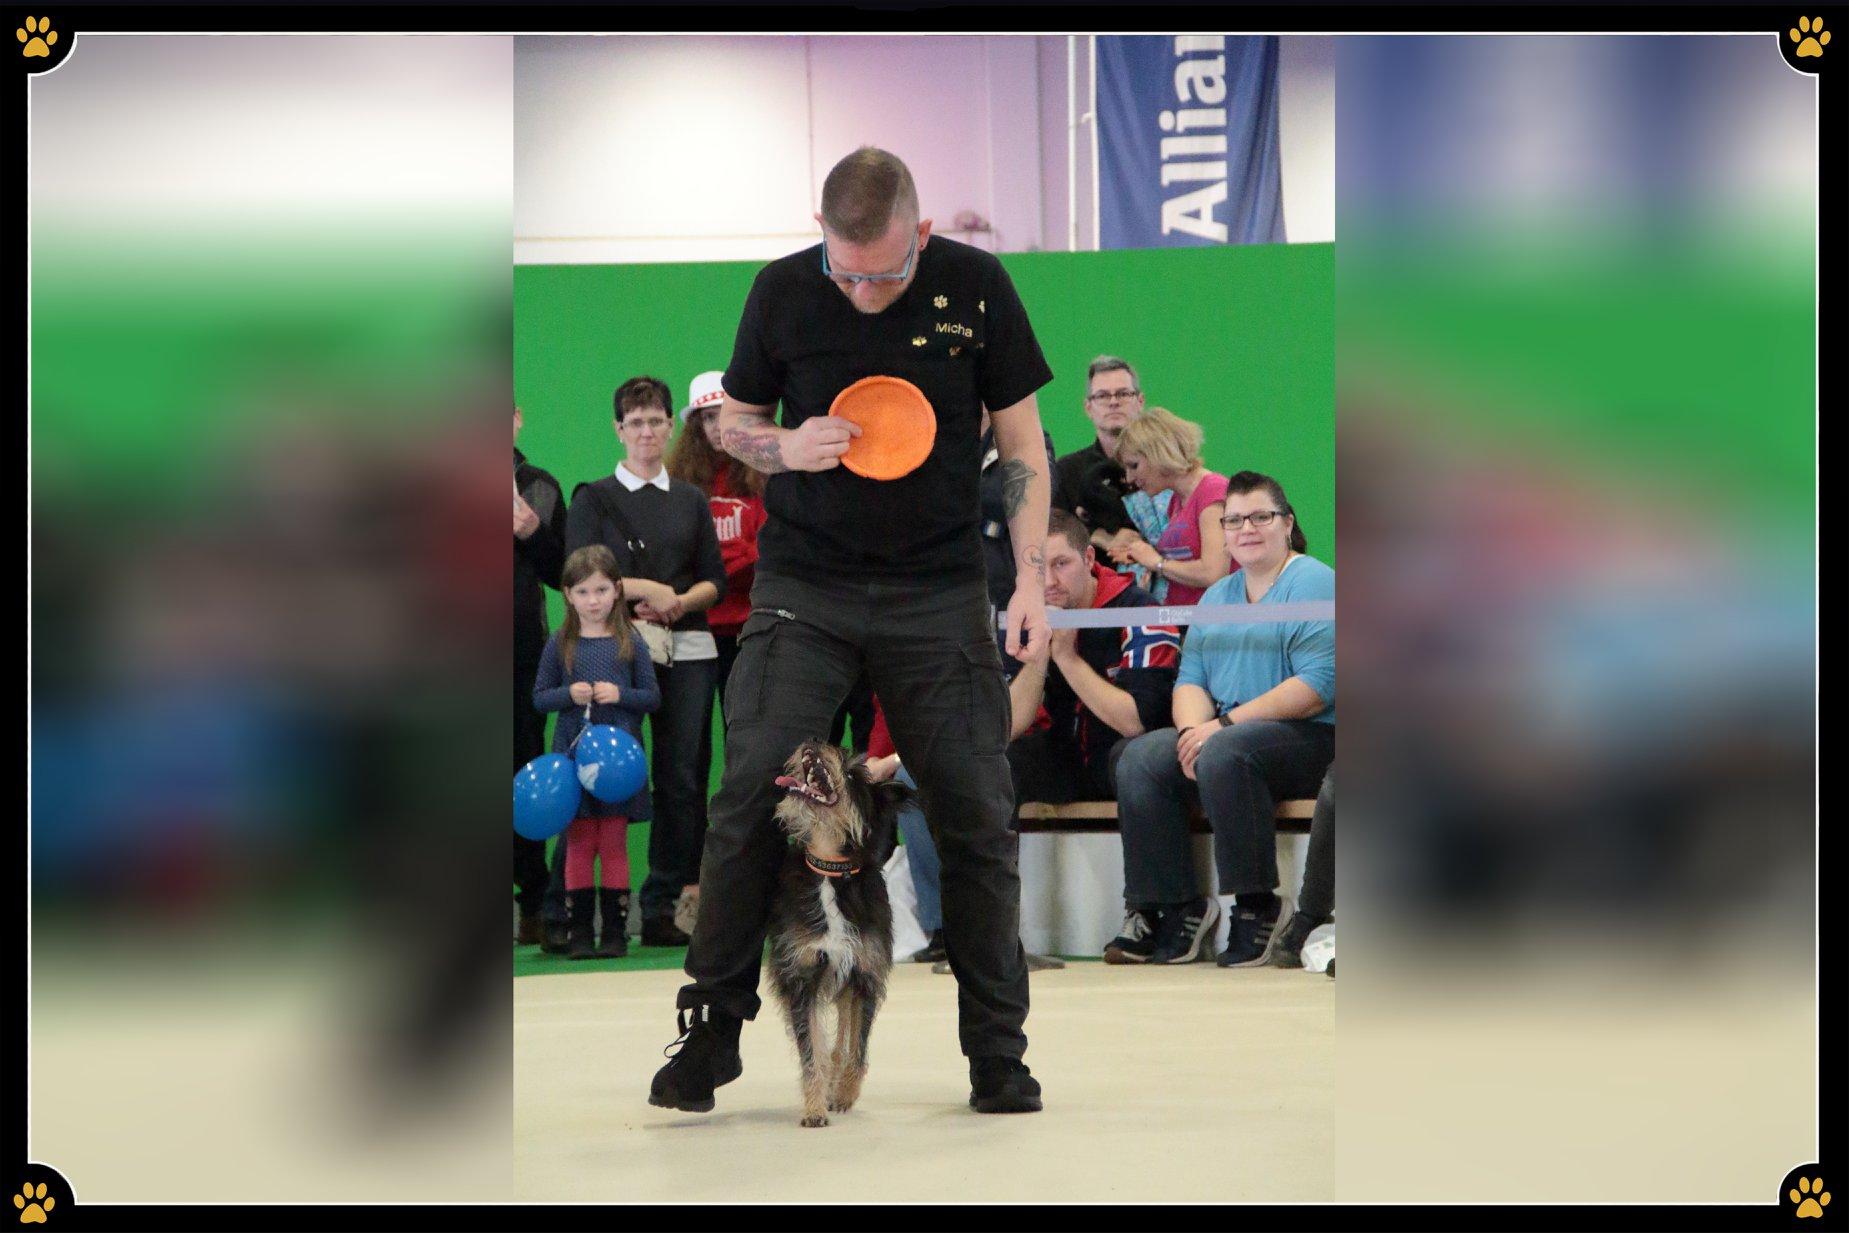 JoBaDog Dog-Frisbee auf der Grünen Woche - Haben Sie einen Hund, mit dem Sie noch so viel toben können, er aber trotzdem keine Ruhe gibt und voller Energie durch die Wohnung rennt? 🐕Dann wäre die Sportart Dog-Frisbee vielleicht etwas für Sie und Ihren Vierbeiner!In der Hundeshow von JoBaDog auf der Grünen Woche zeigte Michael Schulz mit seinem Terrier-Mischling Otti, welche Möglichkeiten diese aktive, kreative Sportart bietet und was ein kleines, vierbeiniges Powerpaket alles leisten kann.😎